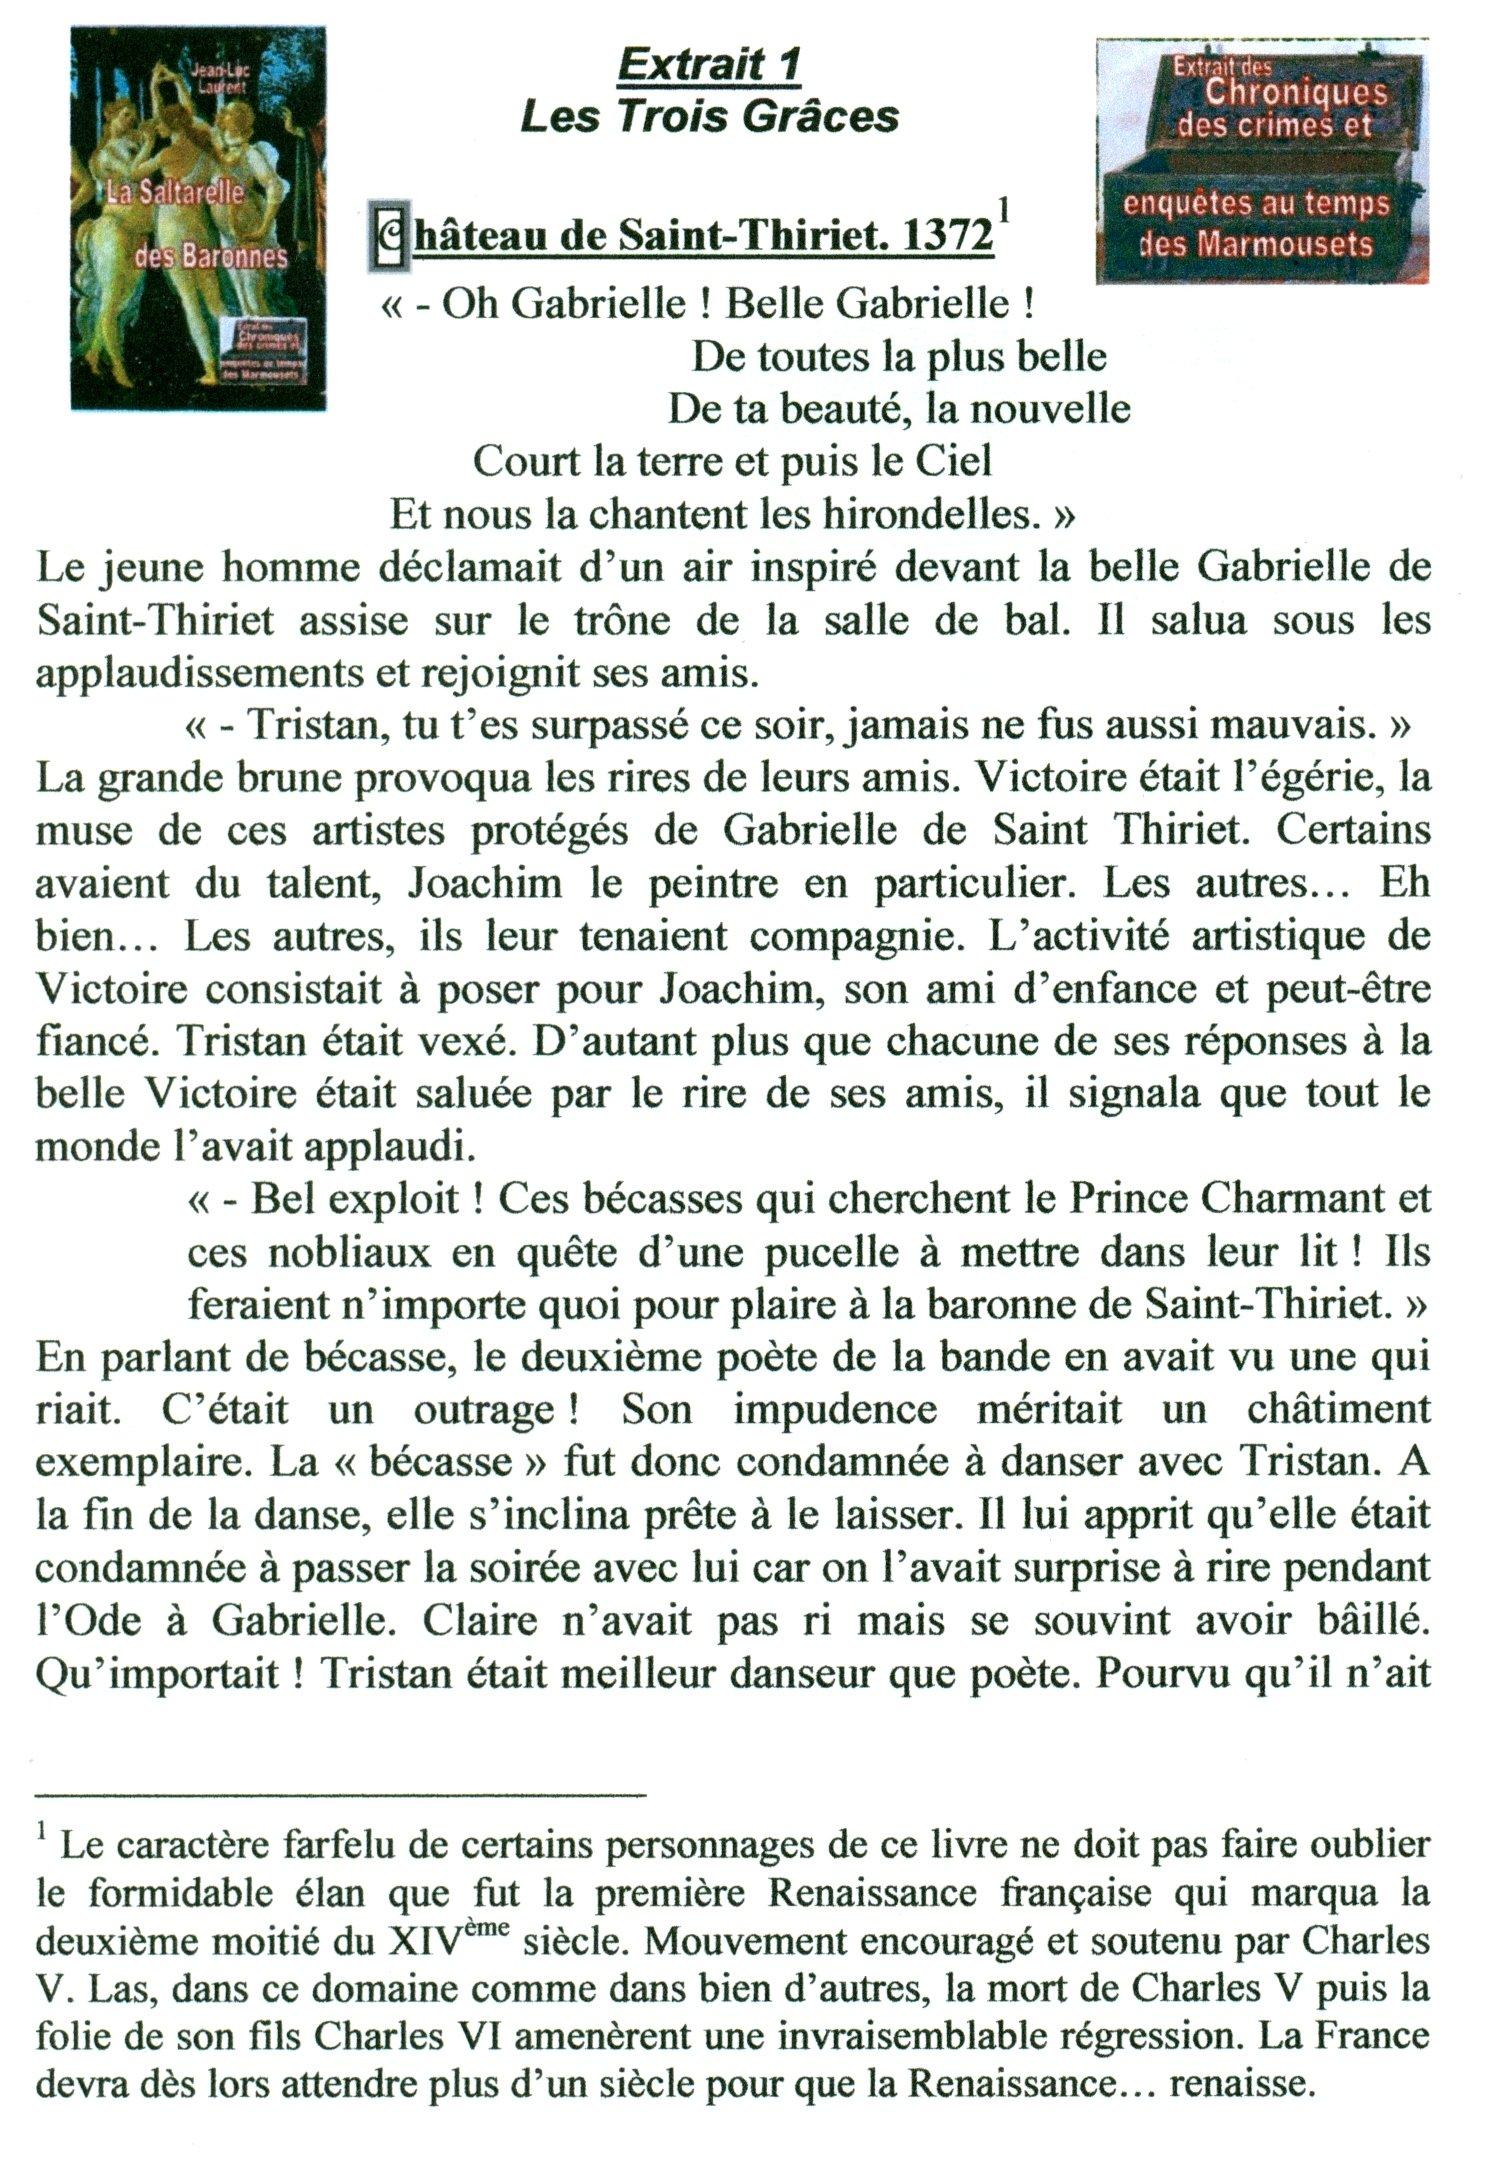 Ext 1 Les Trois Graces numerisation0106